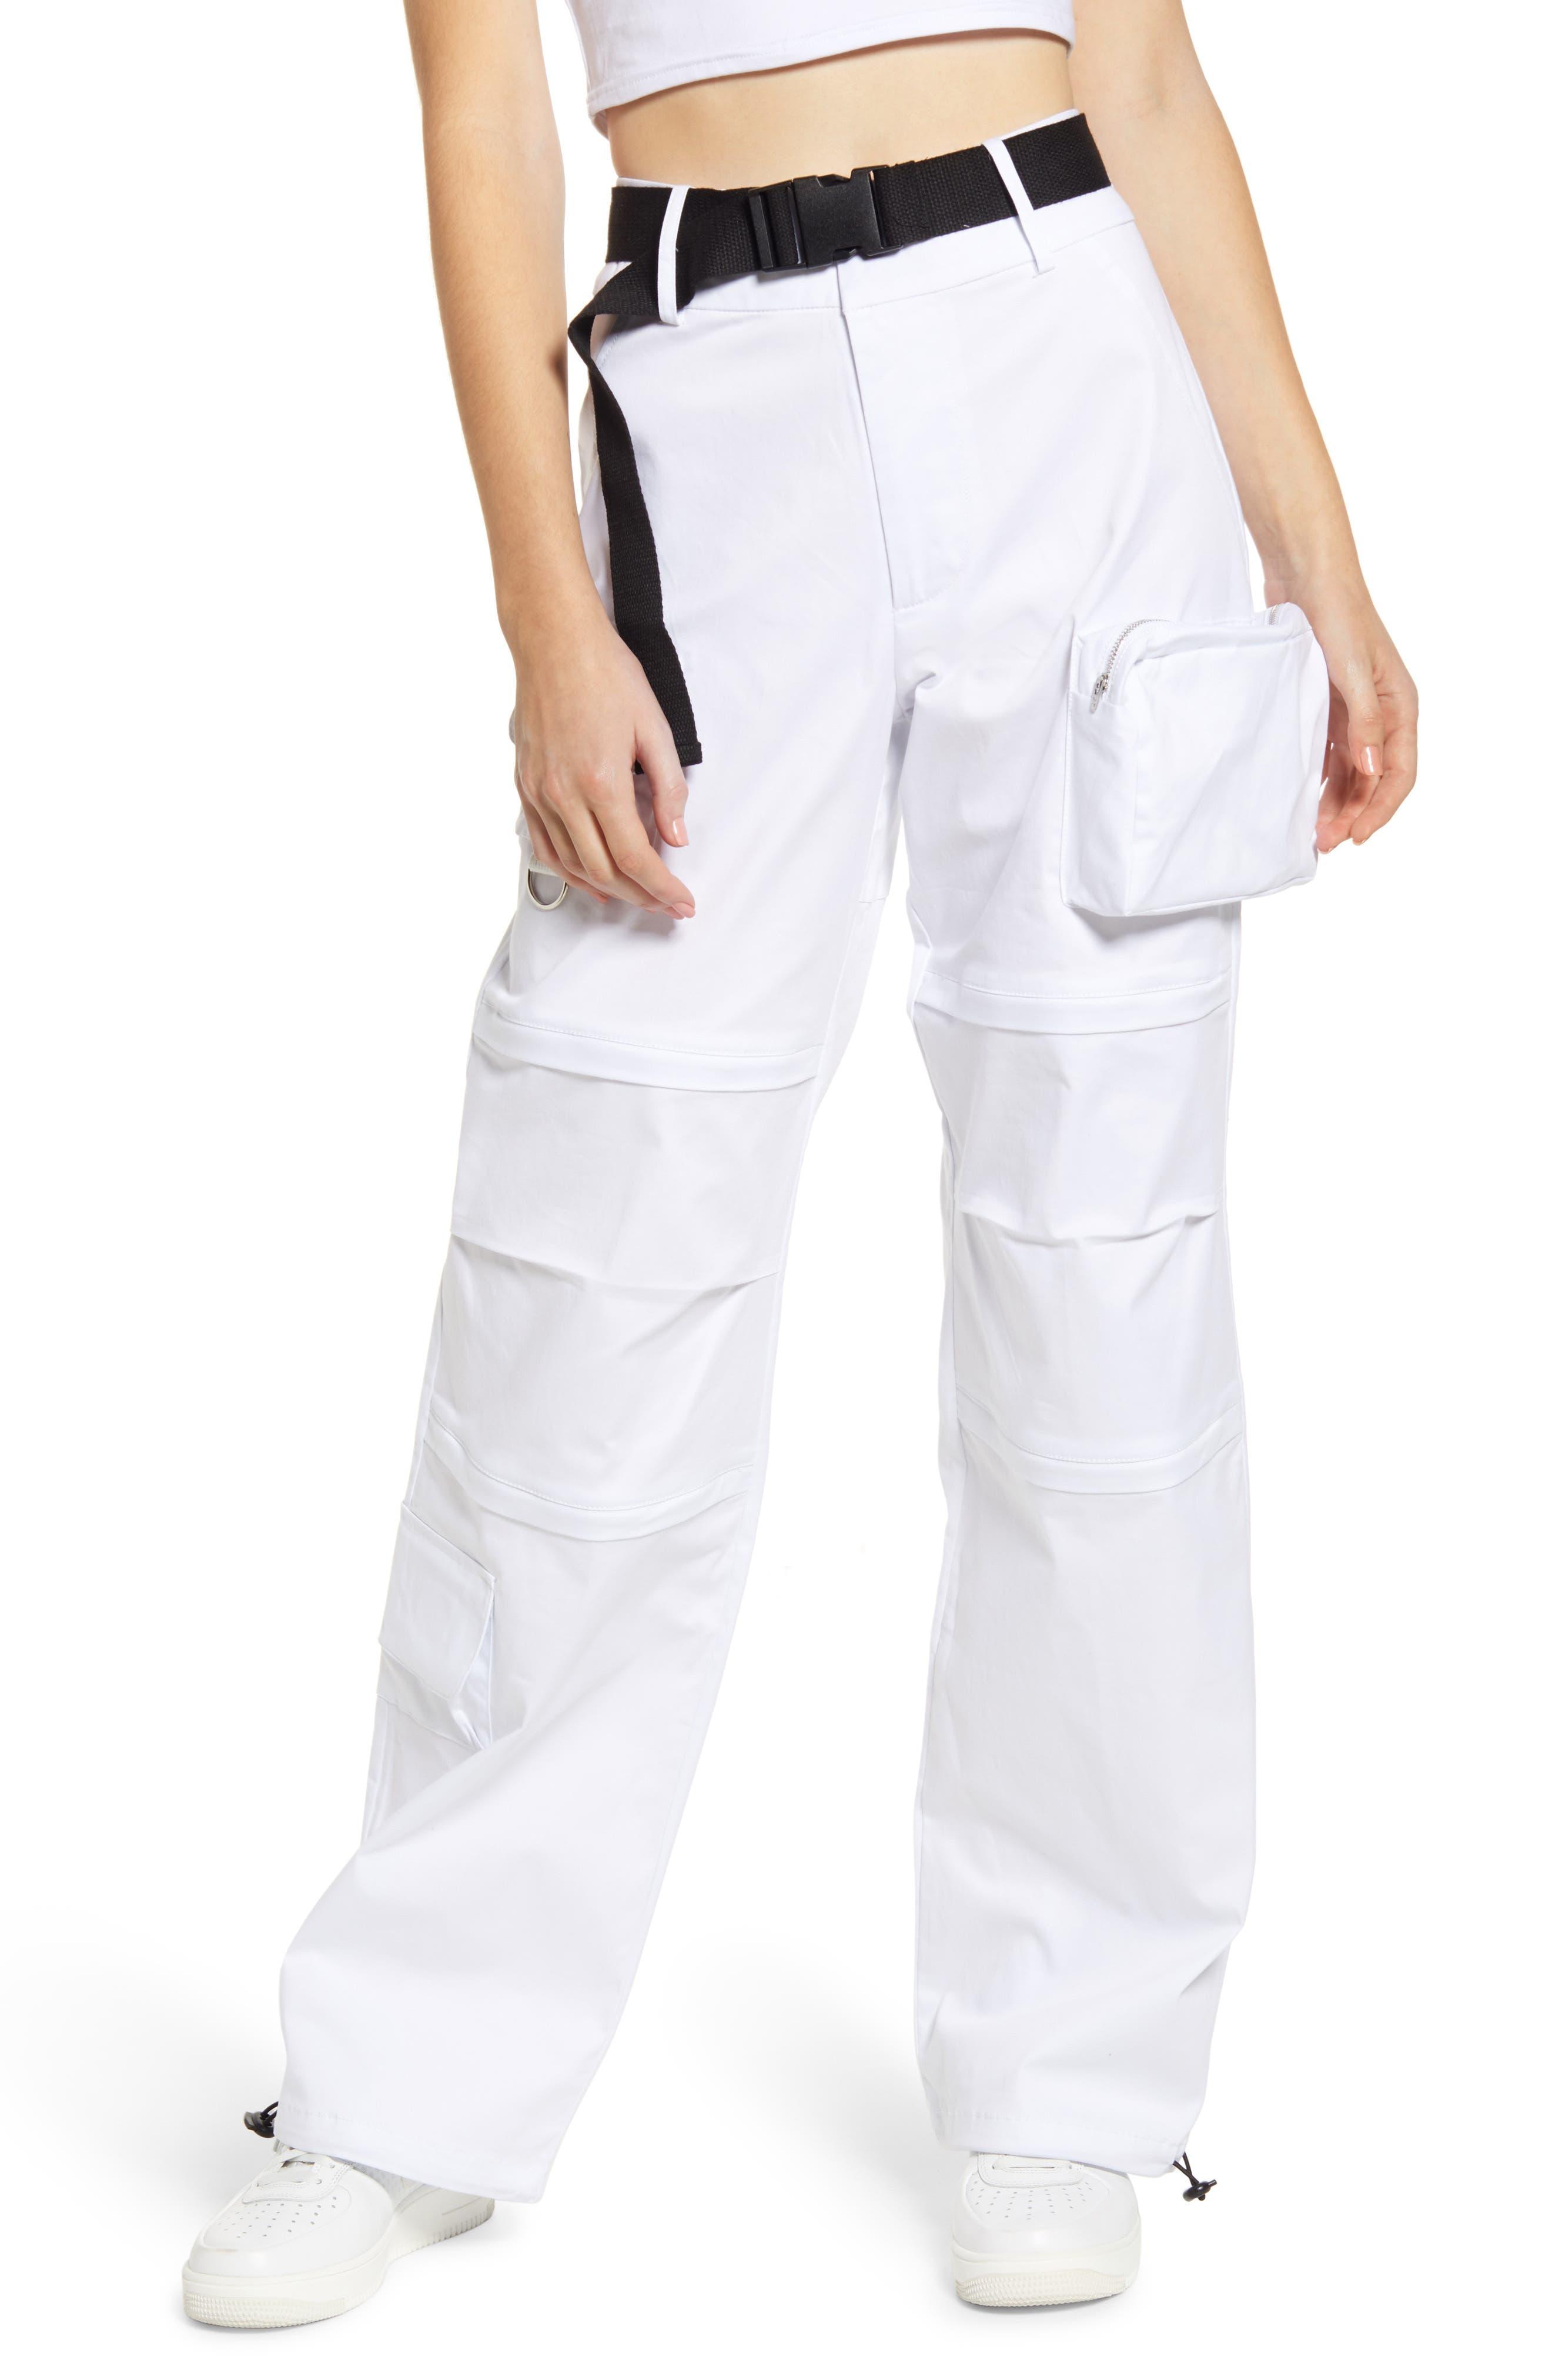 I.am. gia. Edam High Rise Cargo Pants With Webbed Belt, White